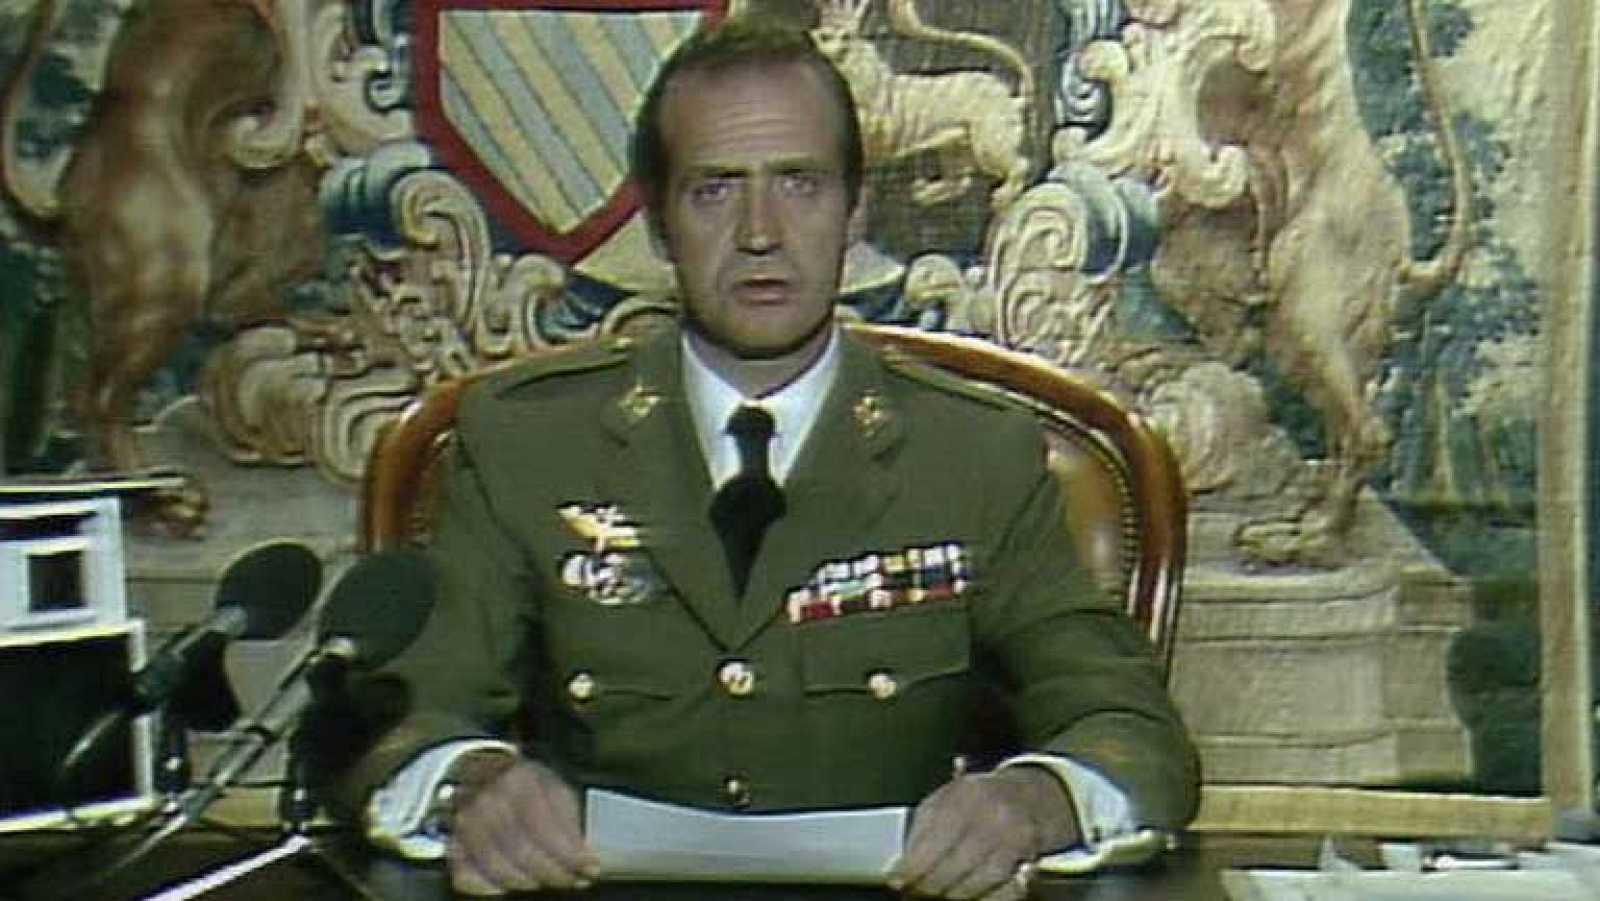 El rey Juan Carlos I, durante su mensaje en la noche del intento de golpe de Estado del 23-F.